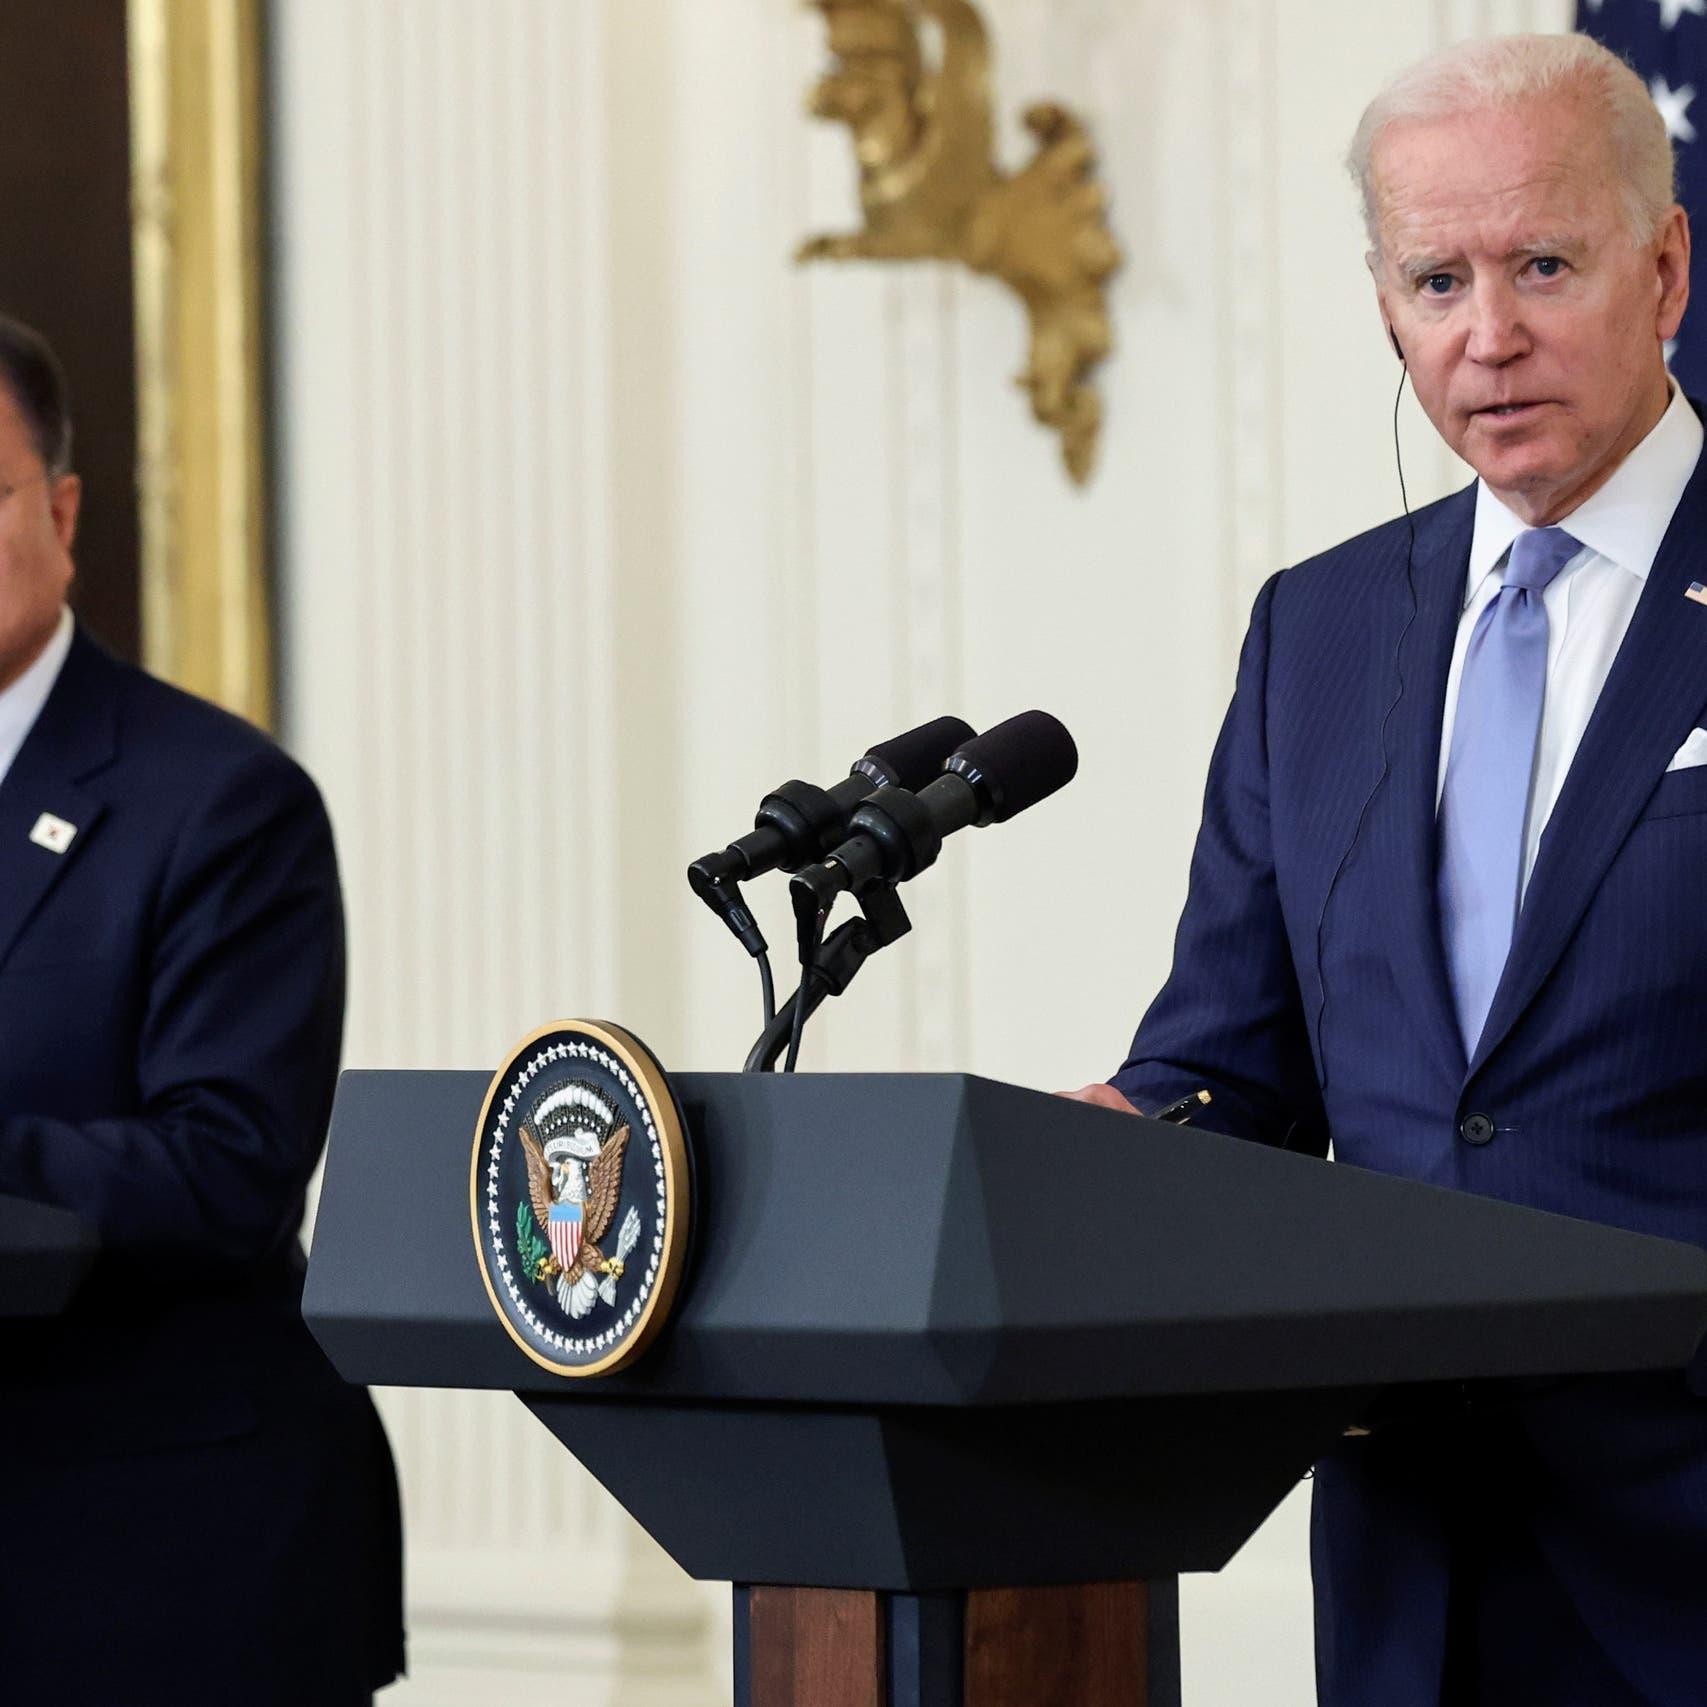 بايدن يقر بصعوبة تخلي كوريا الشمالية عن سلاحها النووي